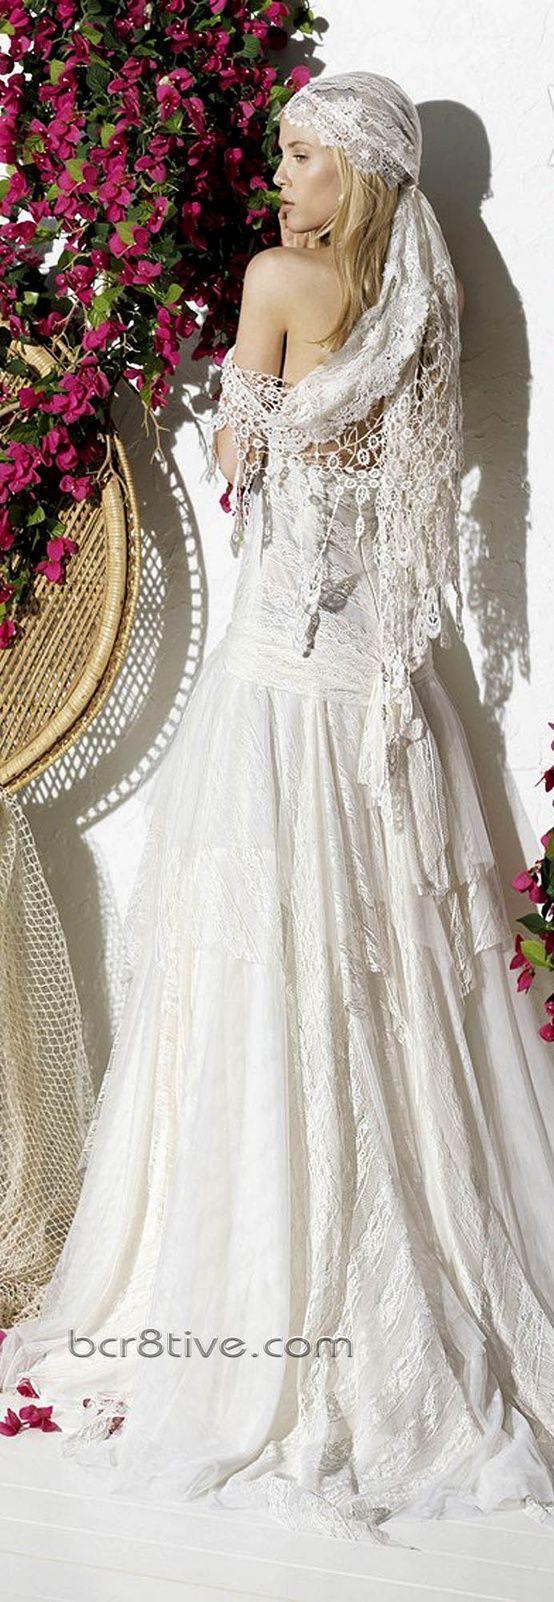 Свадьба - Vestidos De Novia - Diseñadores - Tendencias